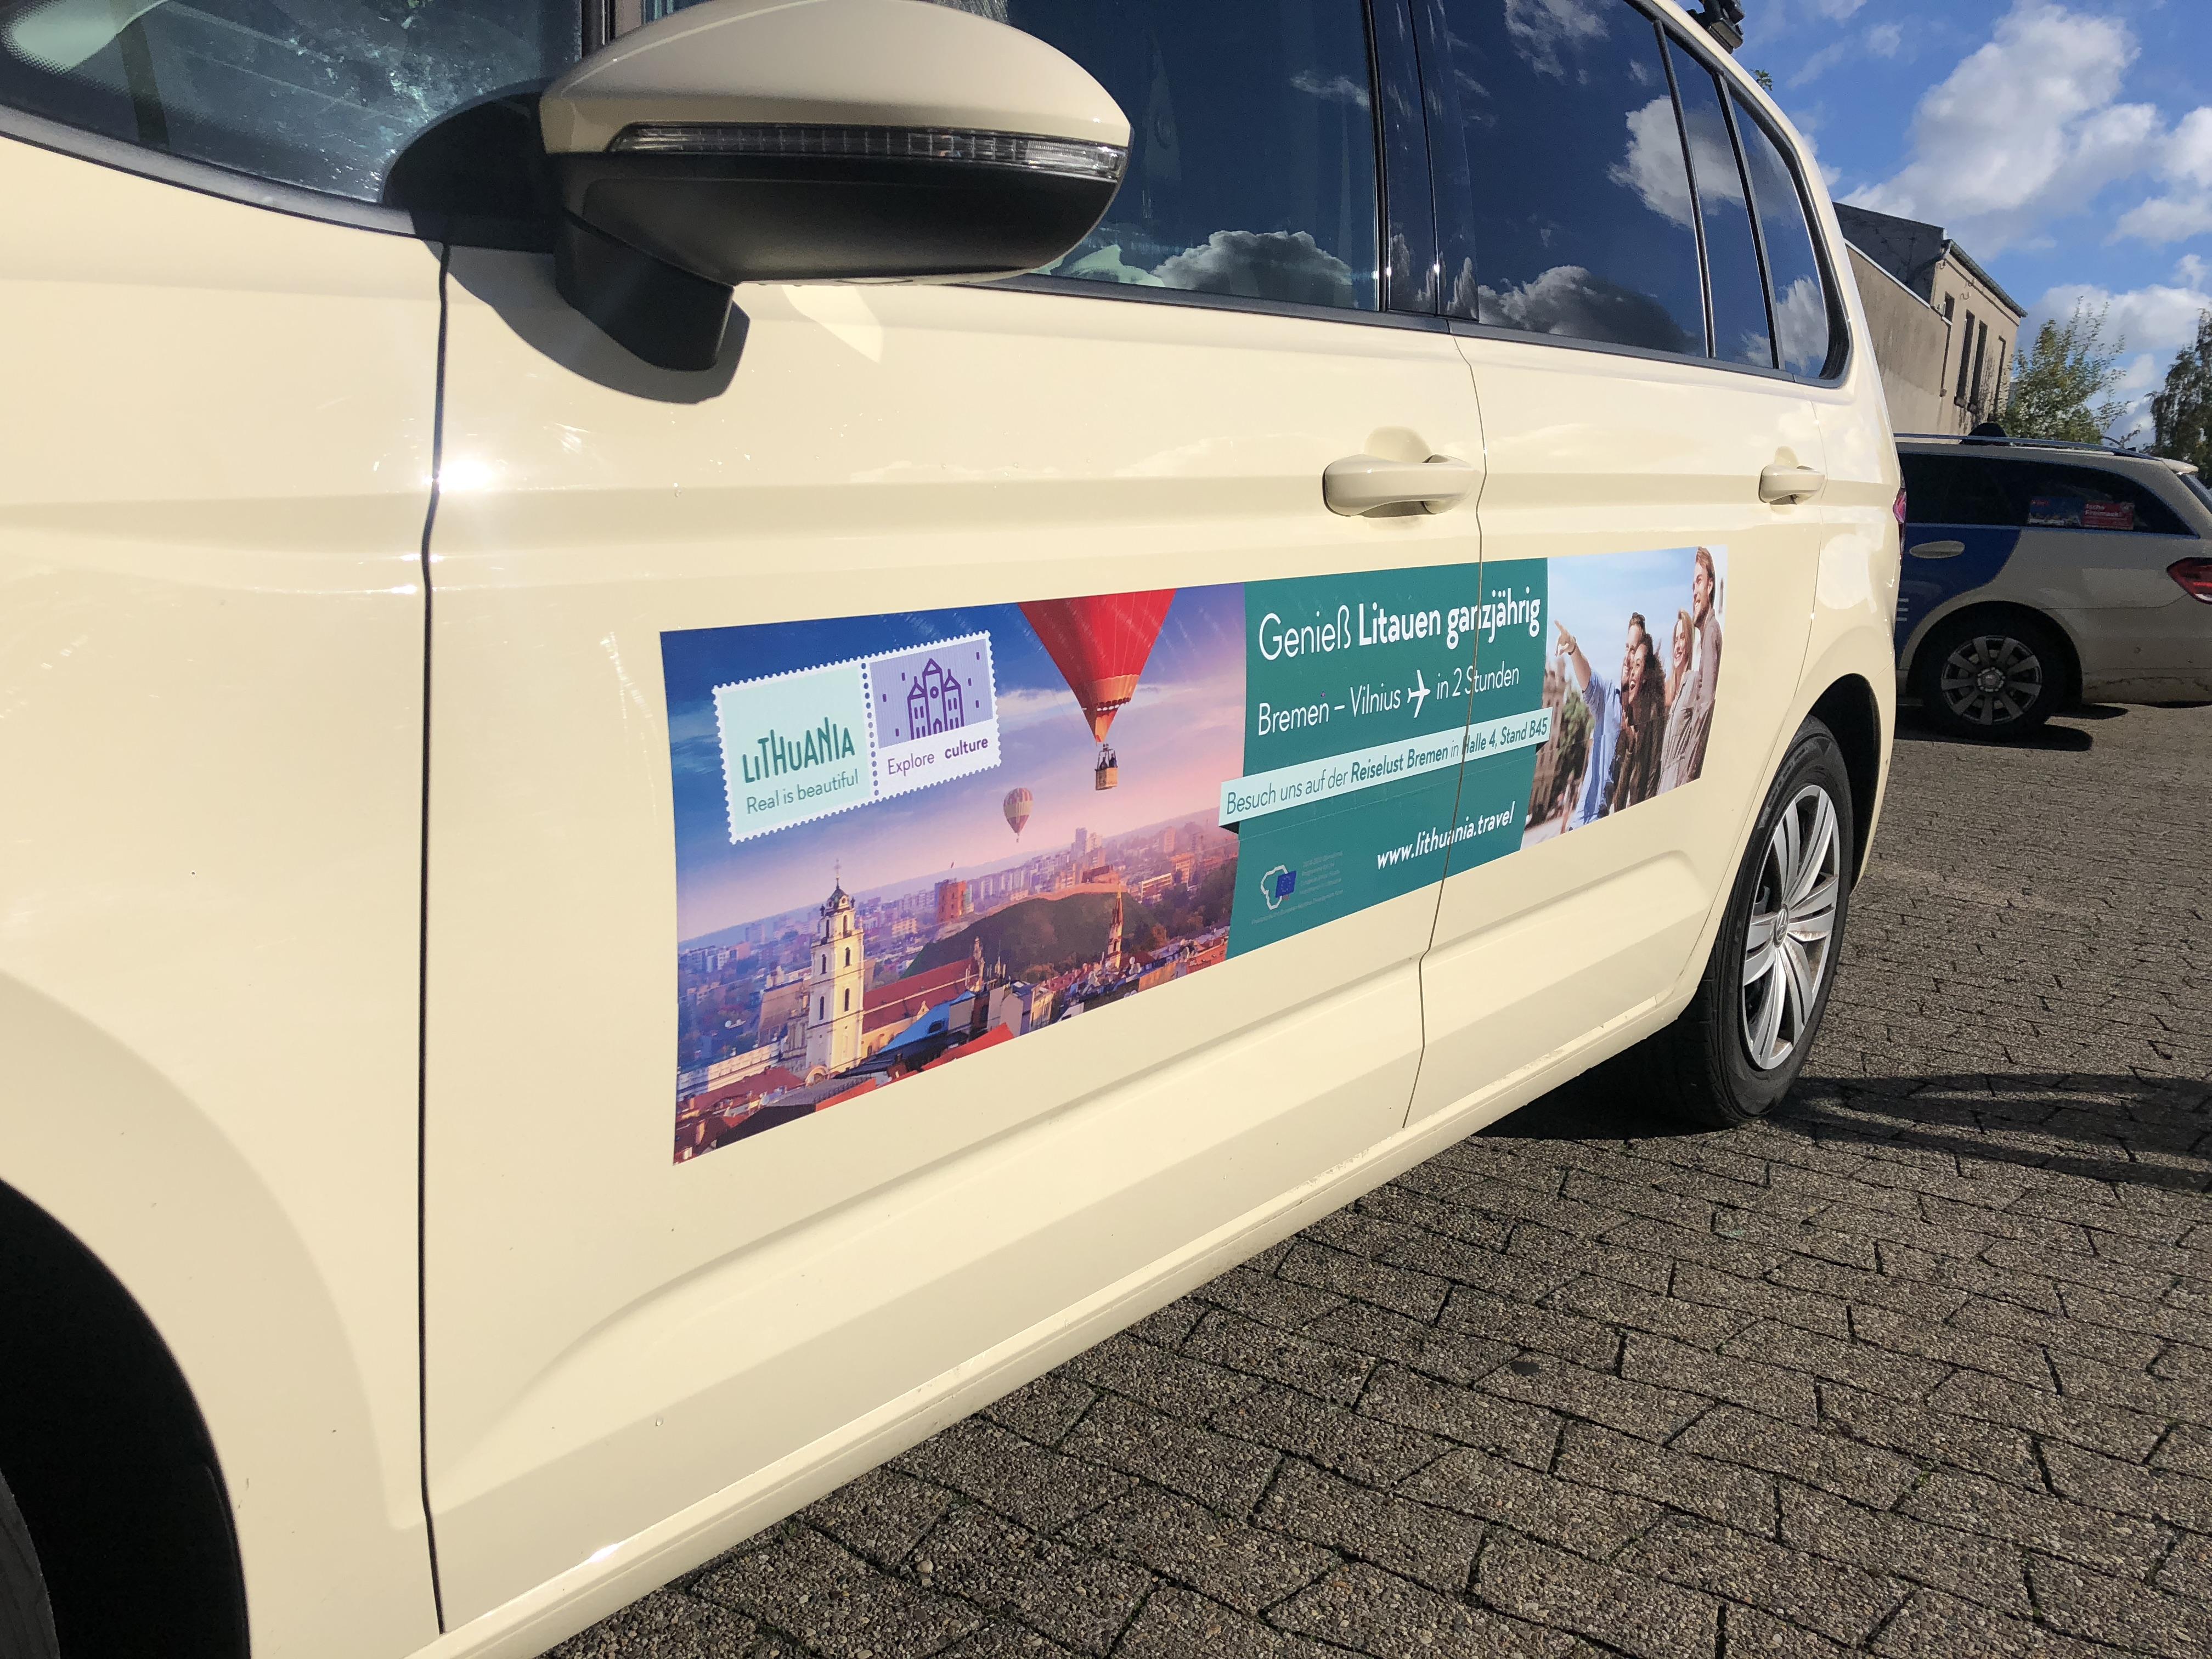 Neįprasti Lietuvos turizmo kurjeriai Vokietijoje – taksi automobiliai